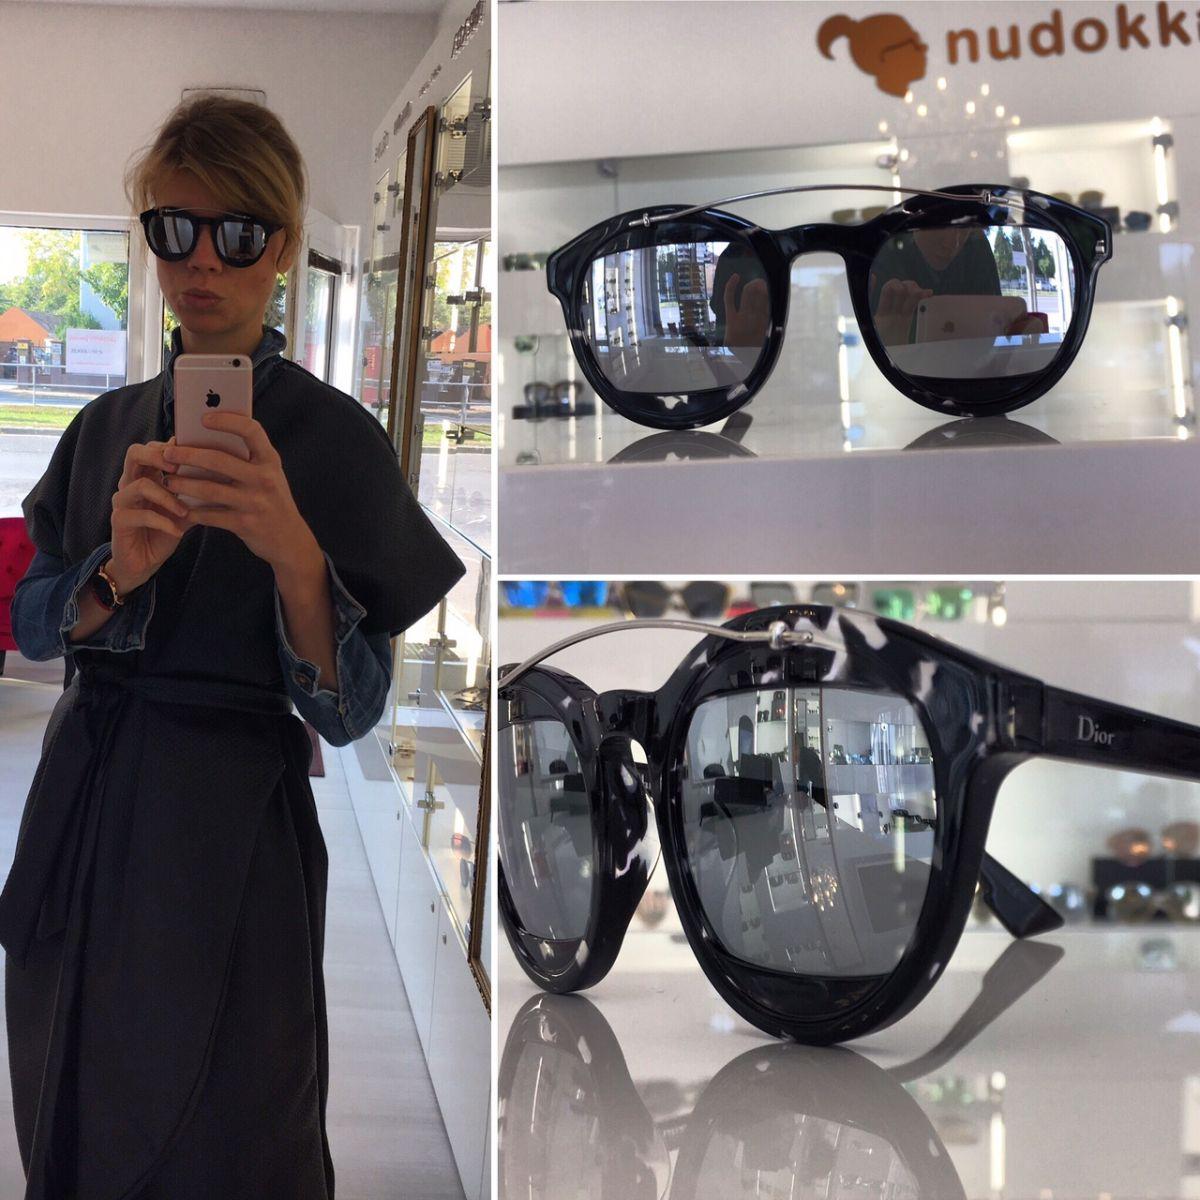 4d0c8a79c0 Dior novinky v optike NUDOKKI v Bratislave - Nudokki.sk